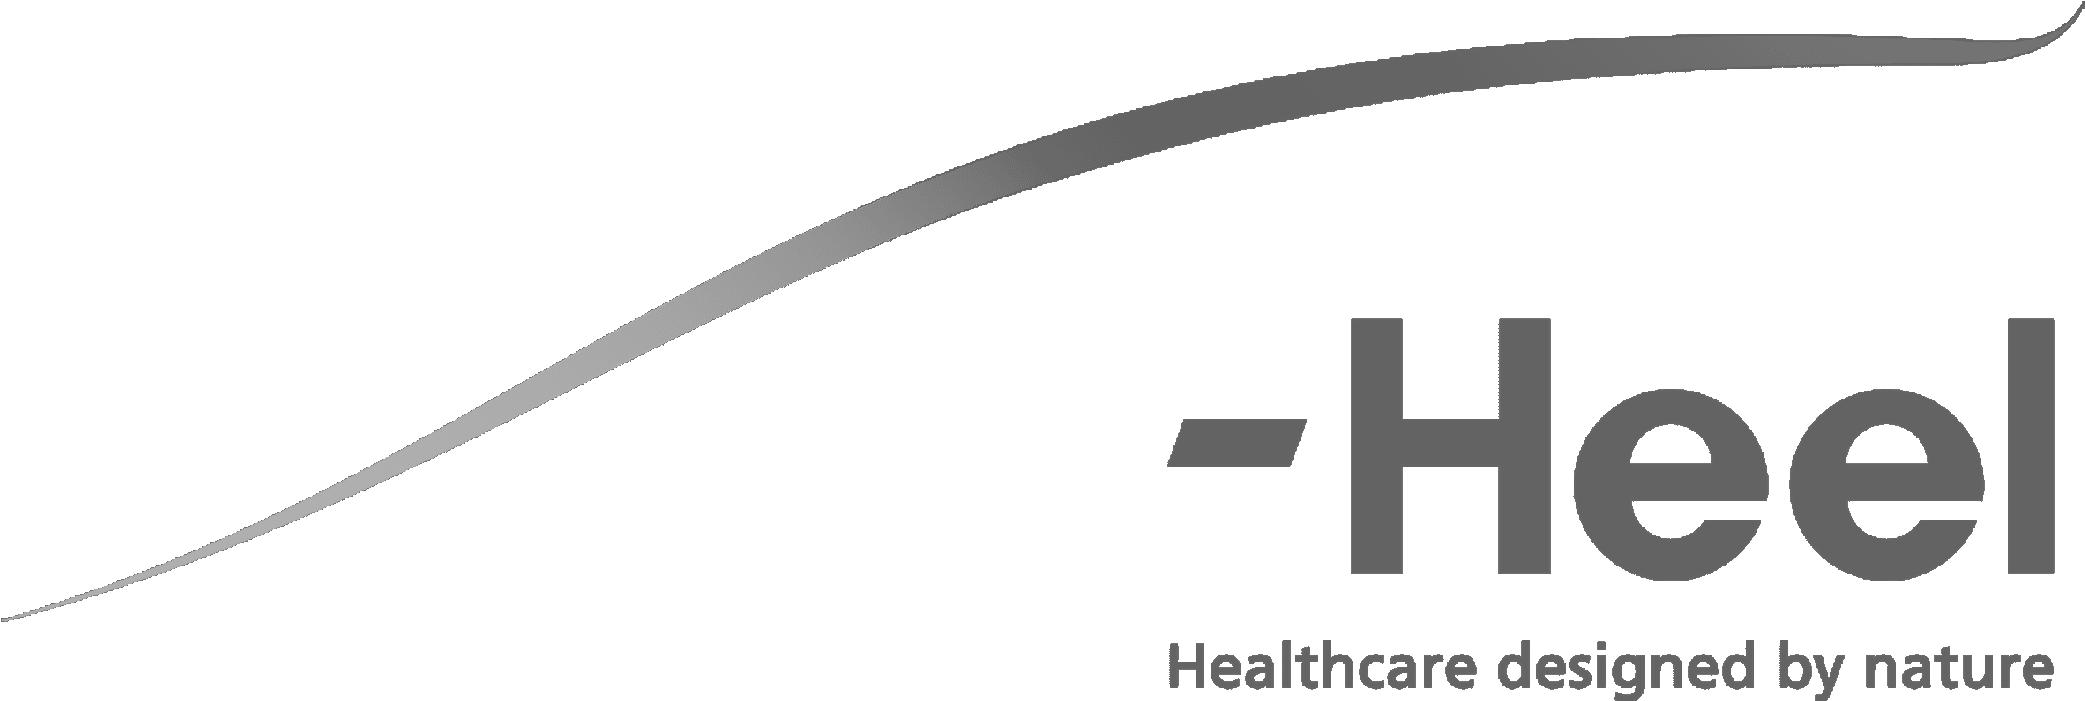 Referenzkunde Heel: Malvega - Agentur für Verpackungsdesign